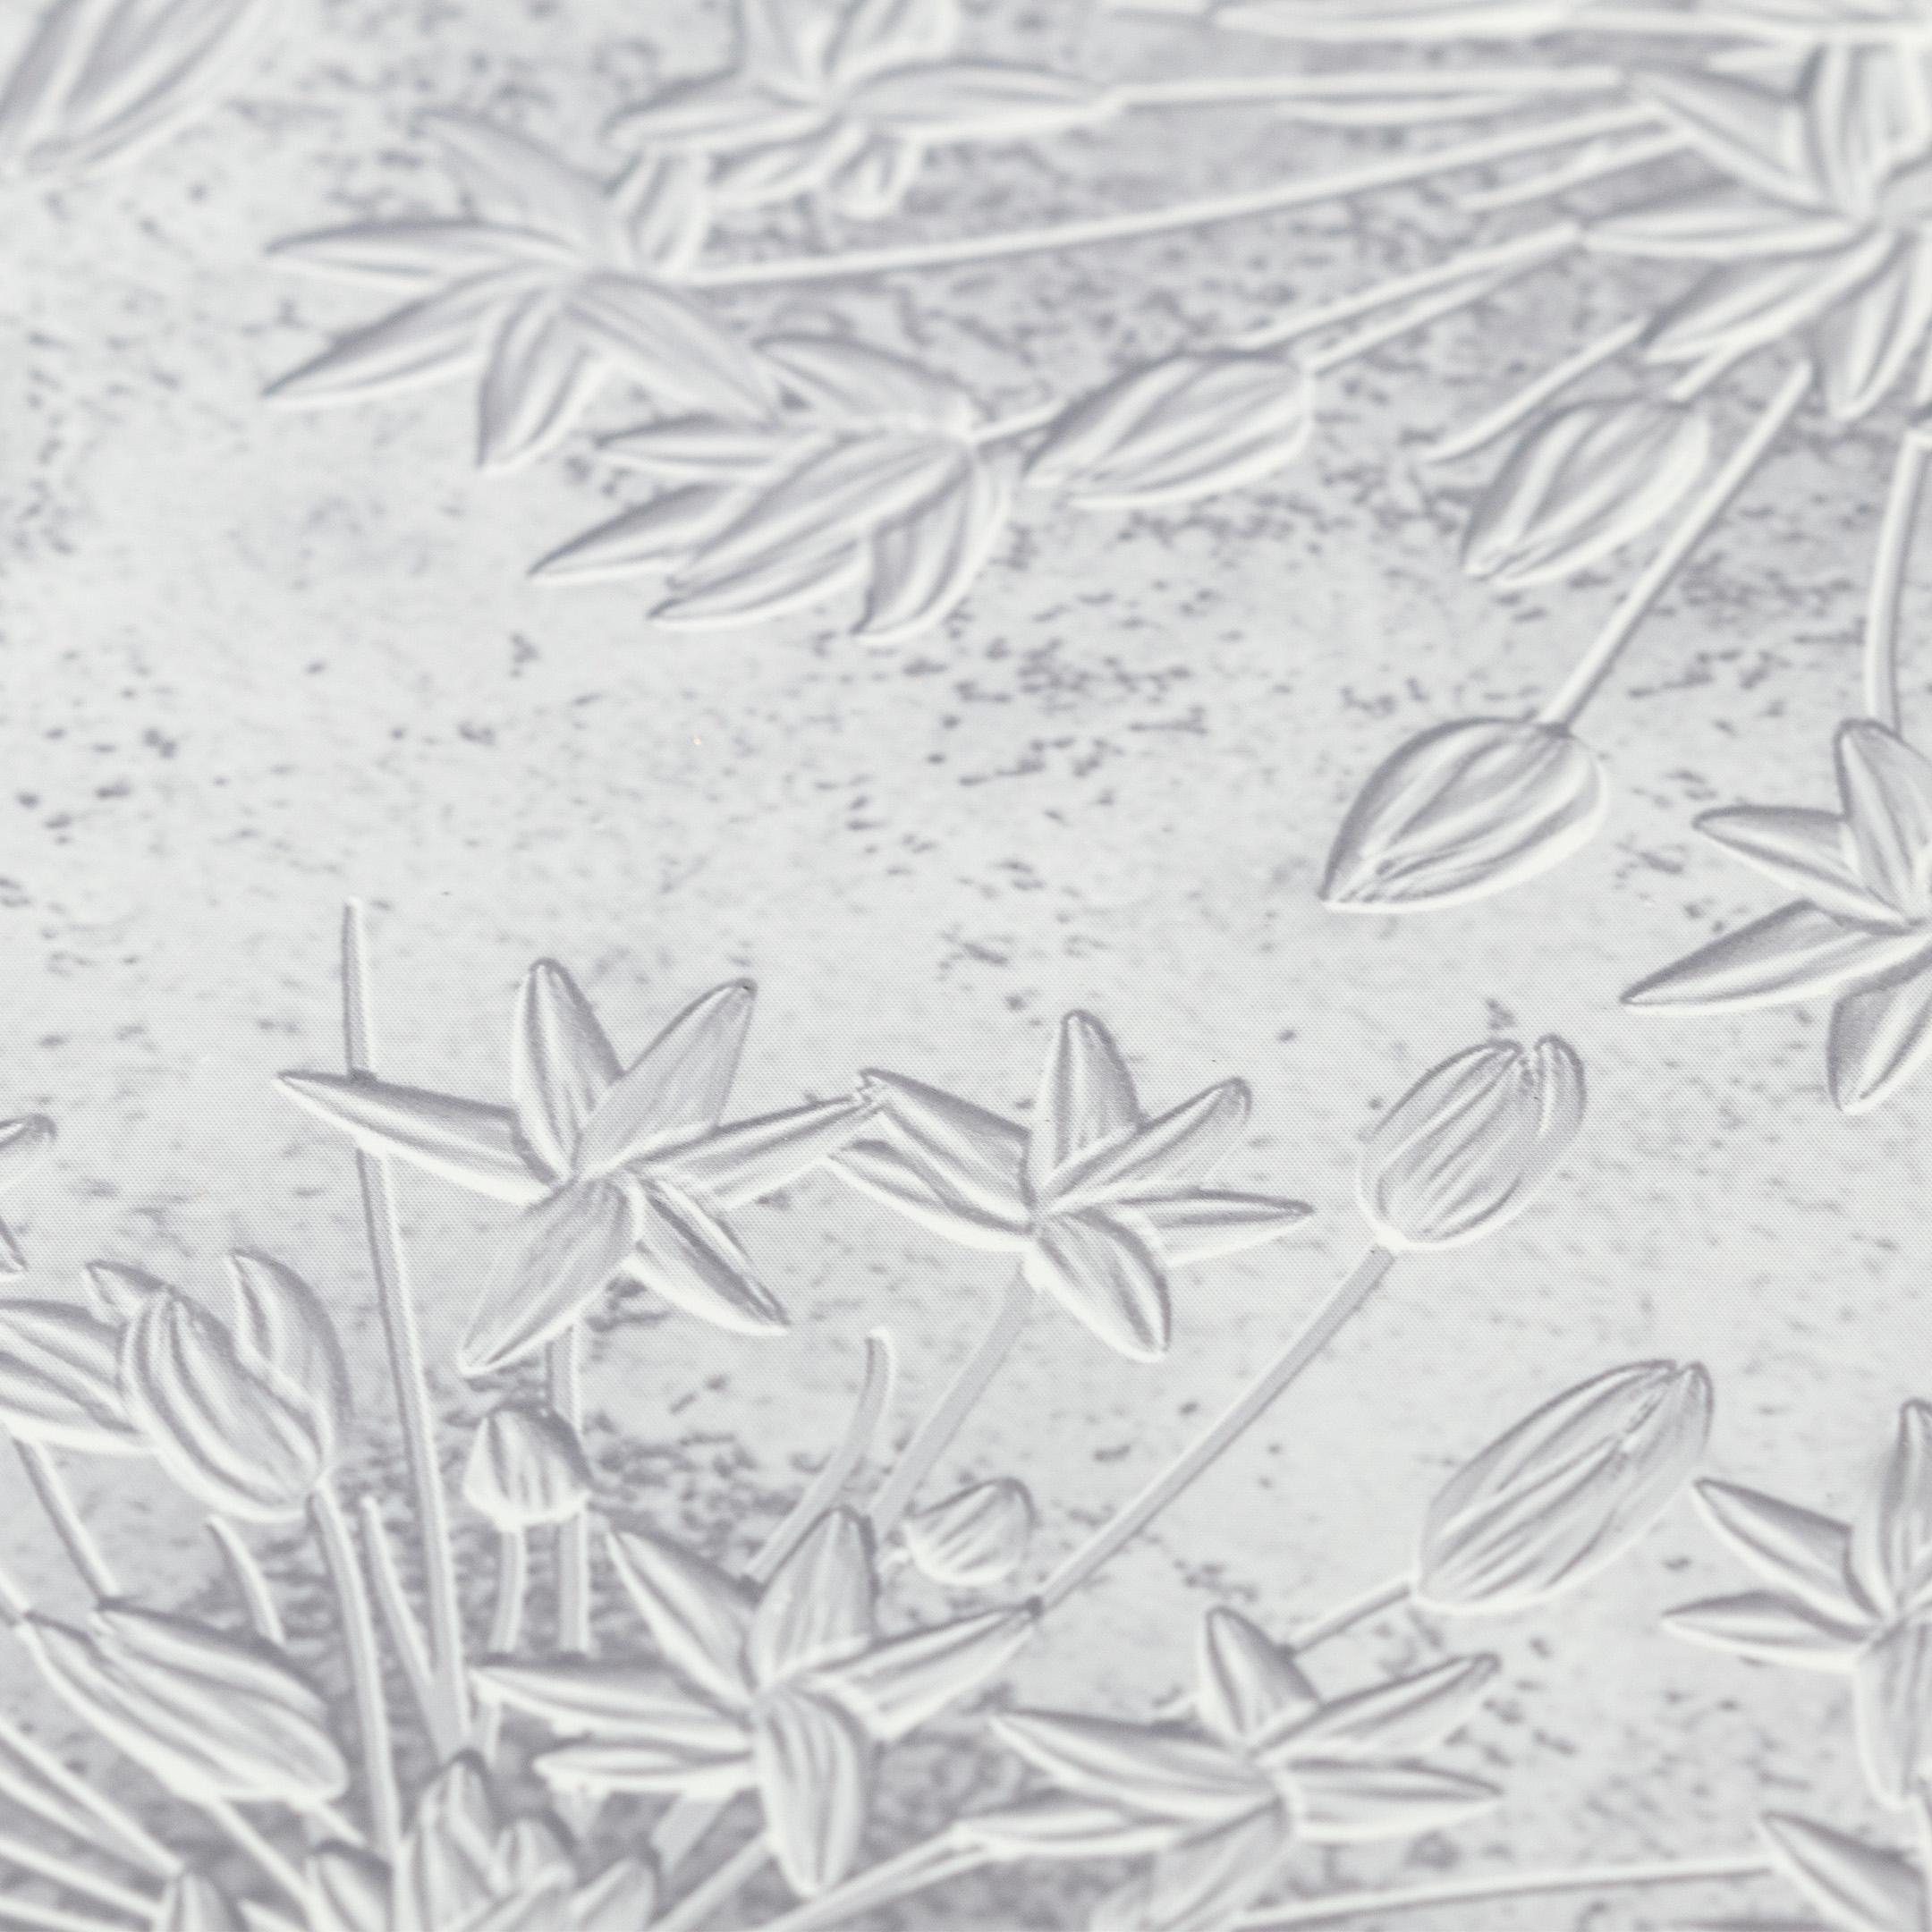 Панель ПВХ 250х2700х8 мм Центурион Нежность серо-сиреневая узор фото